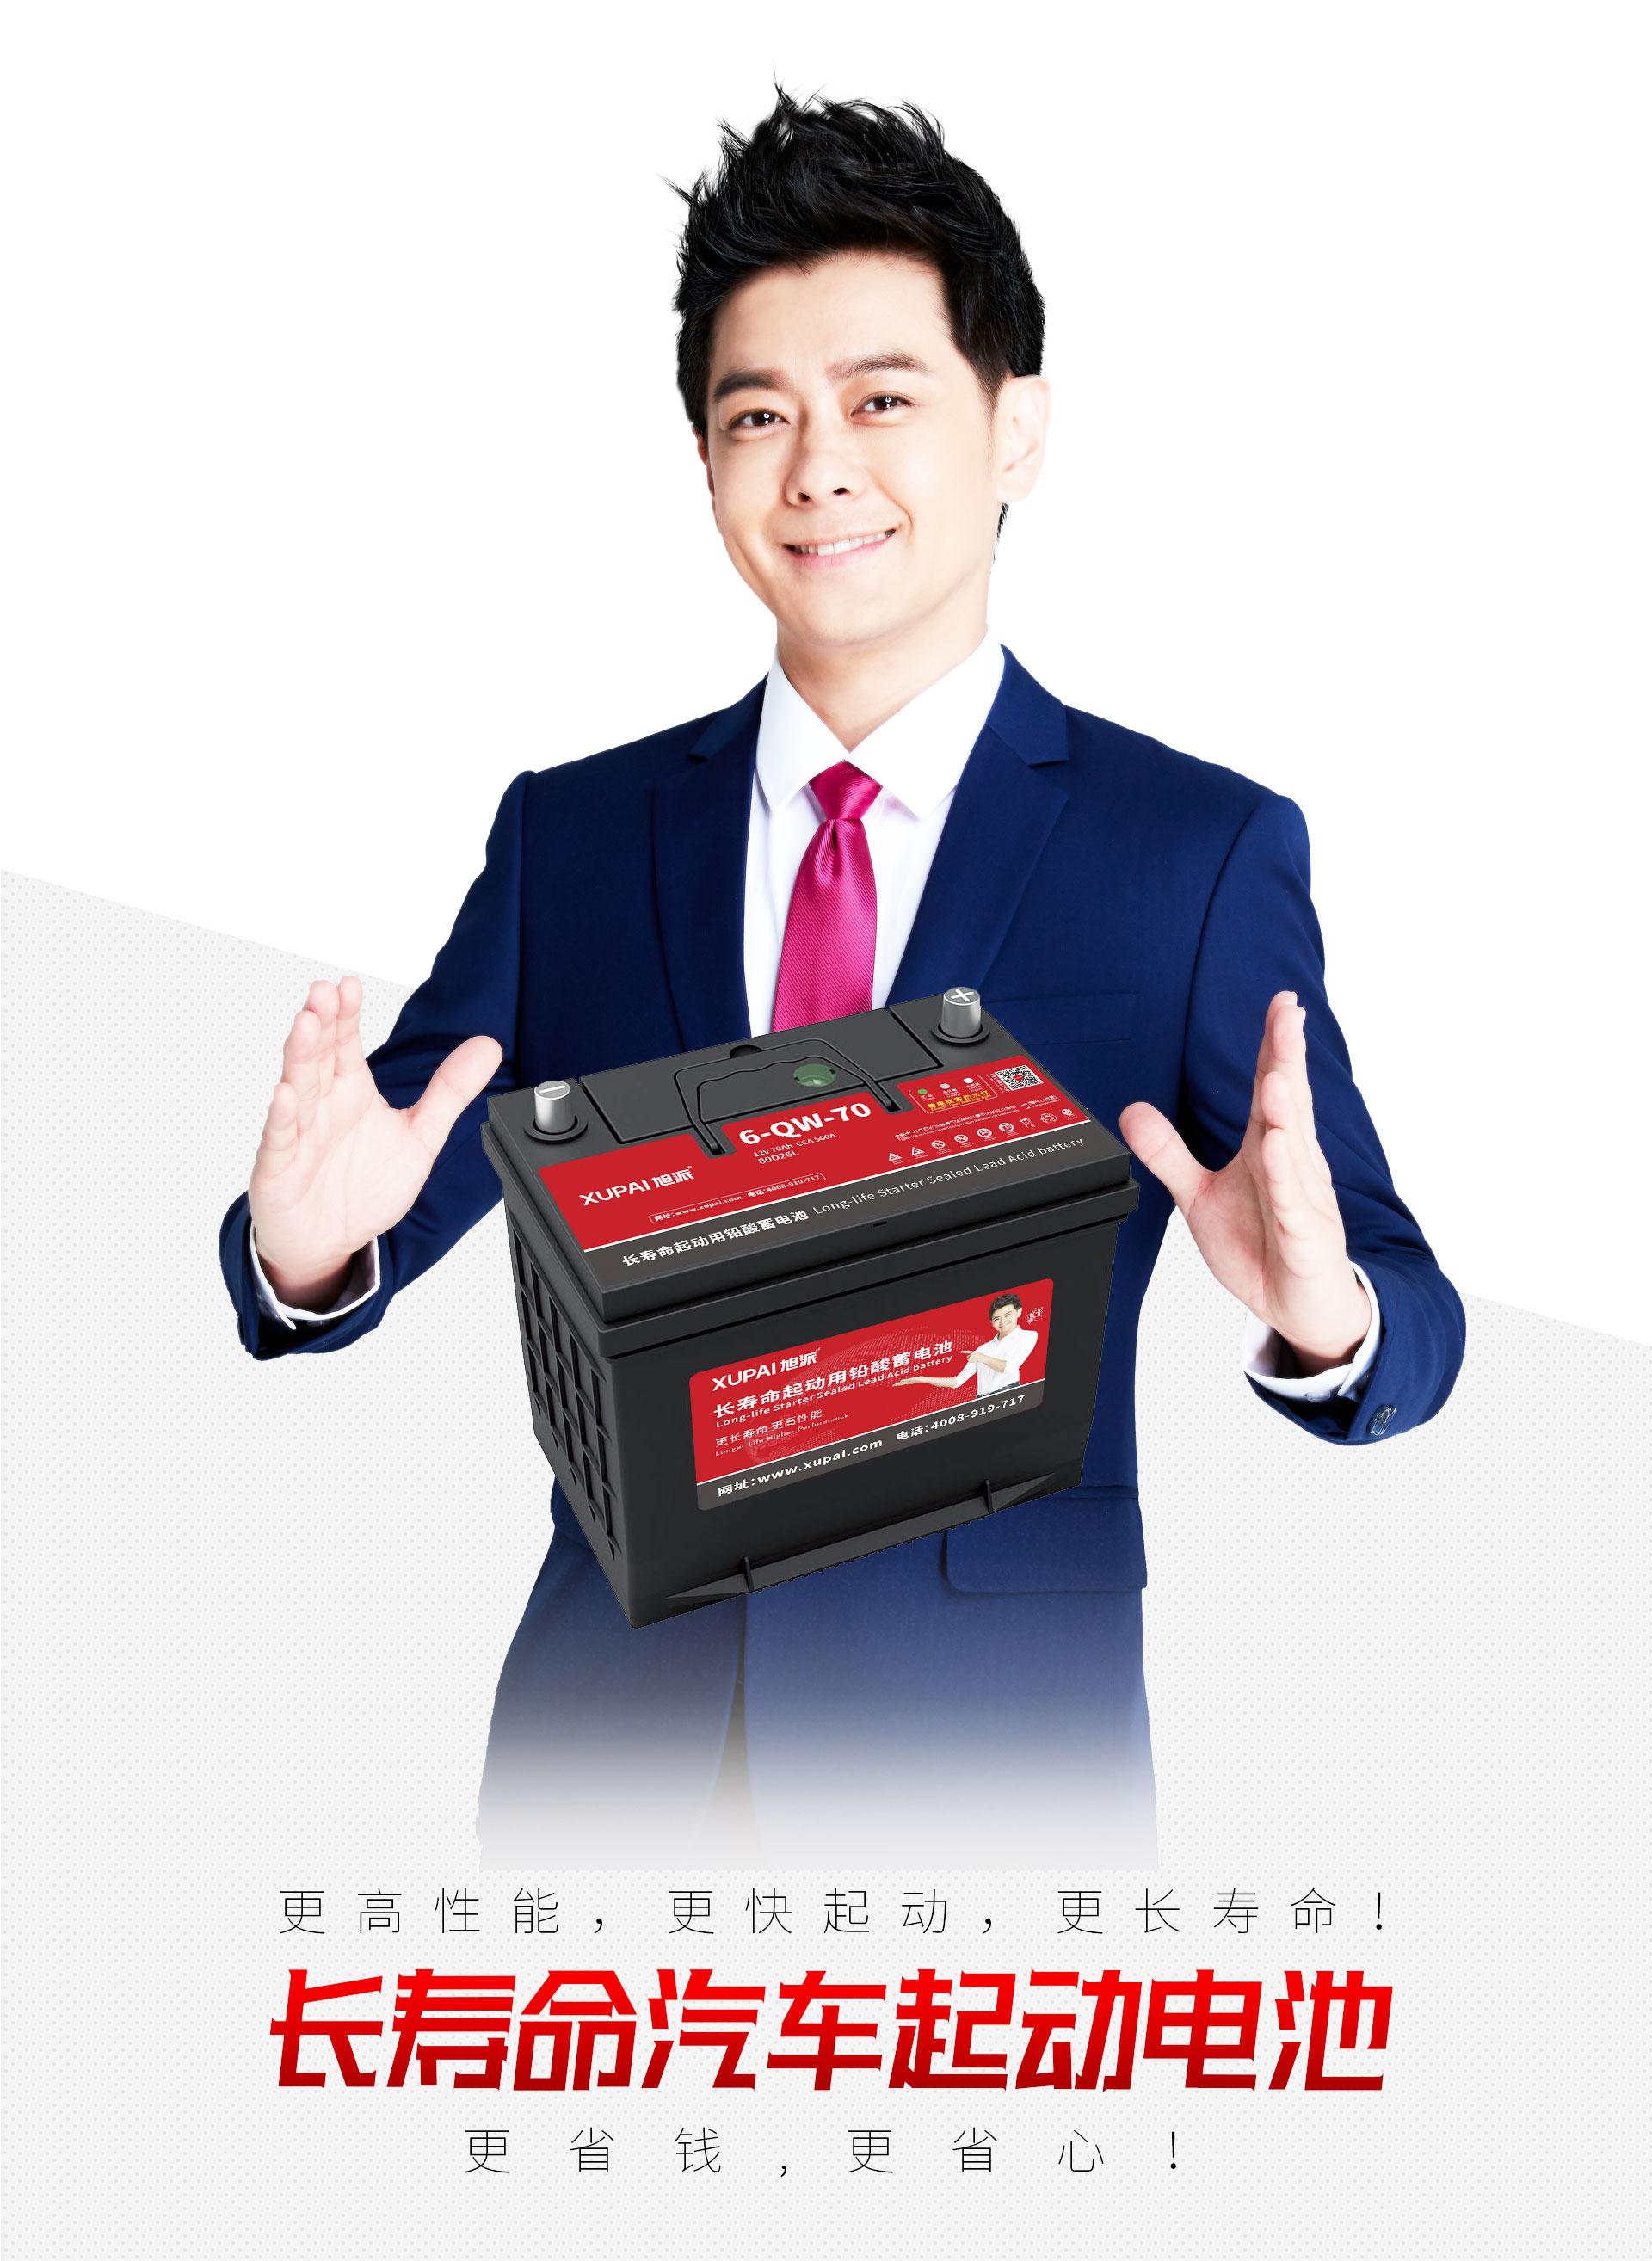 电动车电池 电动车电池价格 电动车电池代理加盟 电动车电池排行榜 旭派电池 旭派